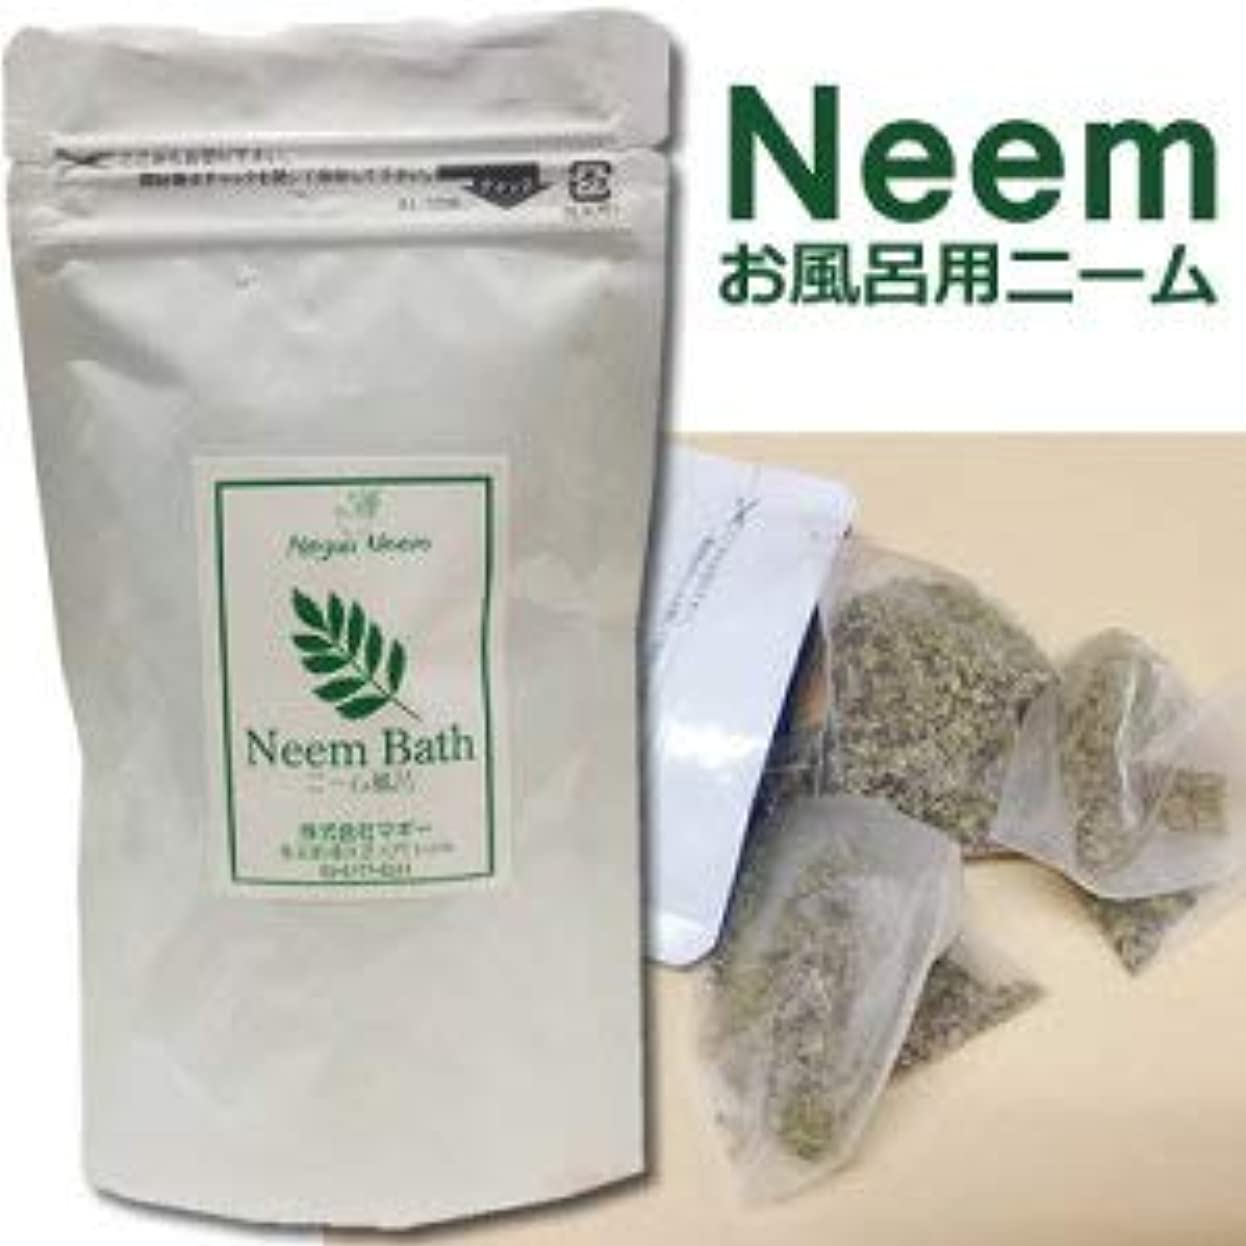 ノベルティ十分な特異なマグーニーム お風呂用ニーム MaguuNeem Bath Herb 5包